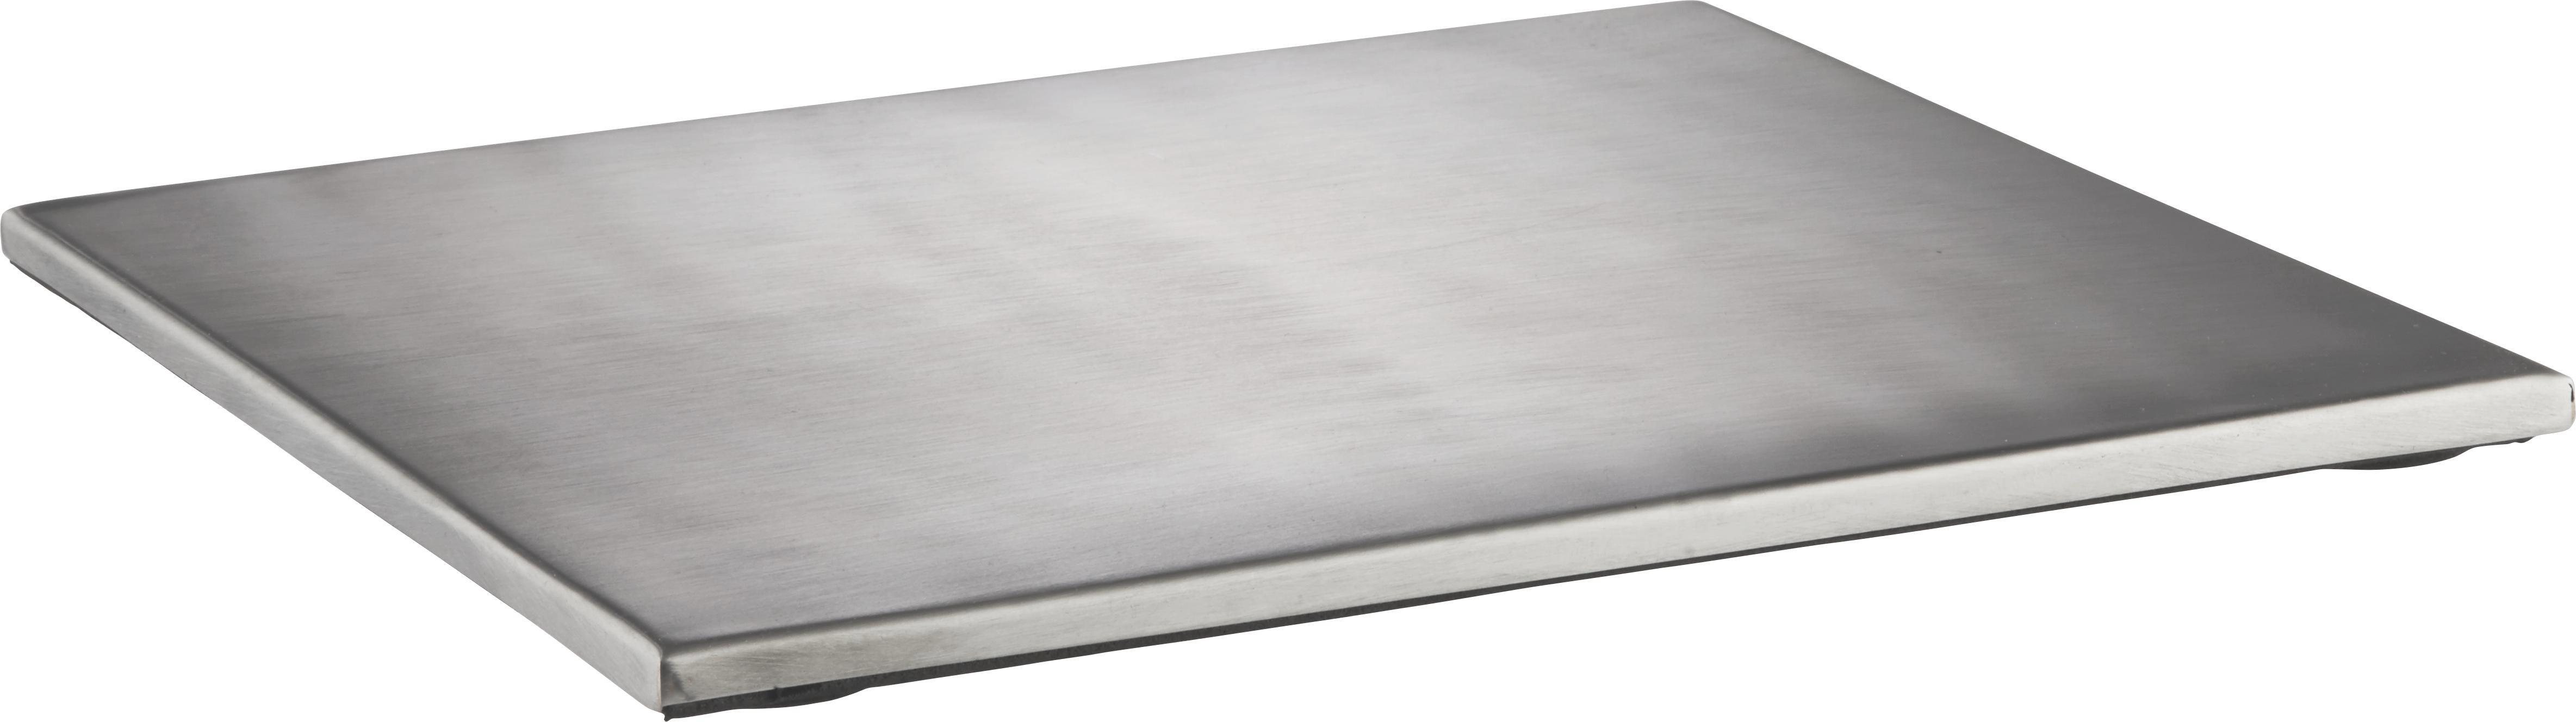 Edényalátét Edelstahl - nemesacél színű, fém (22/22cm) - MÖMAX modern living